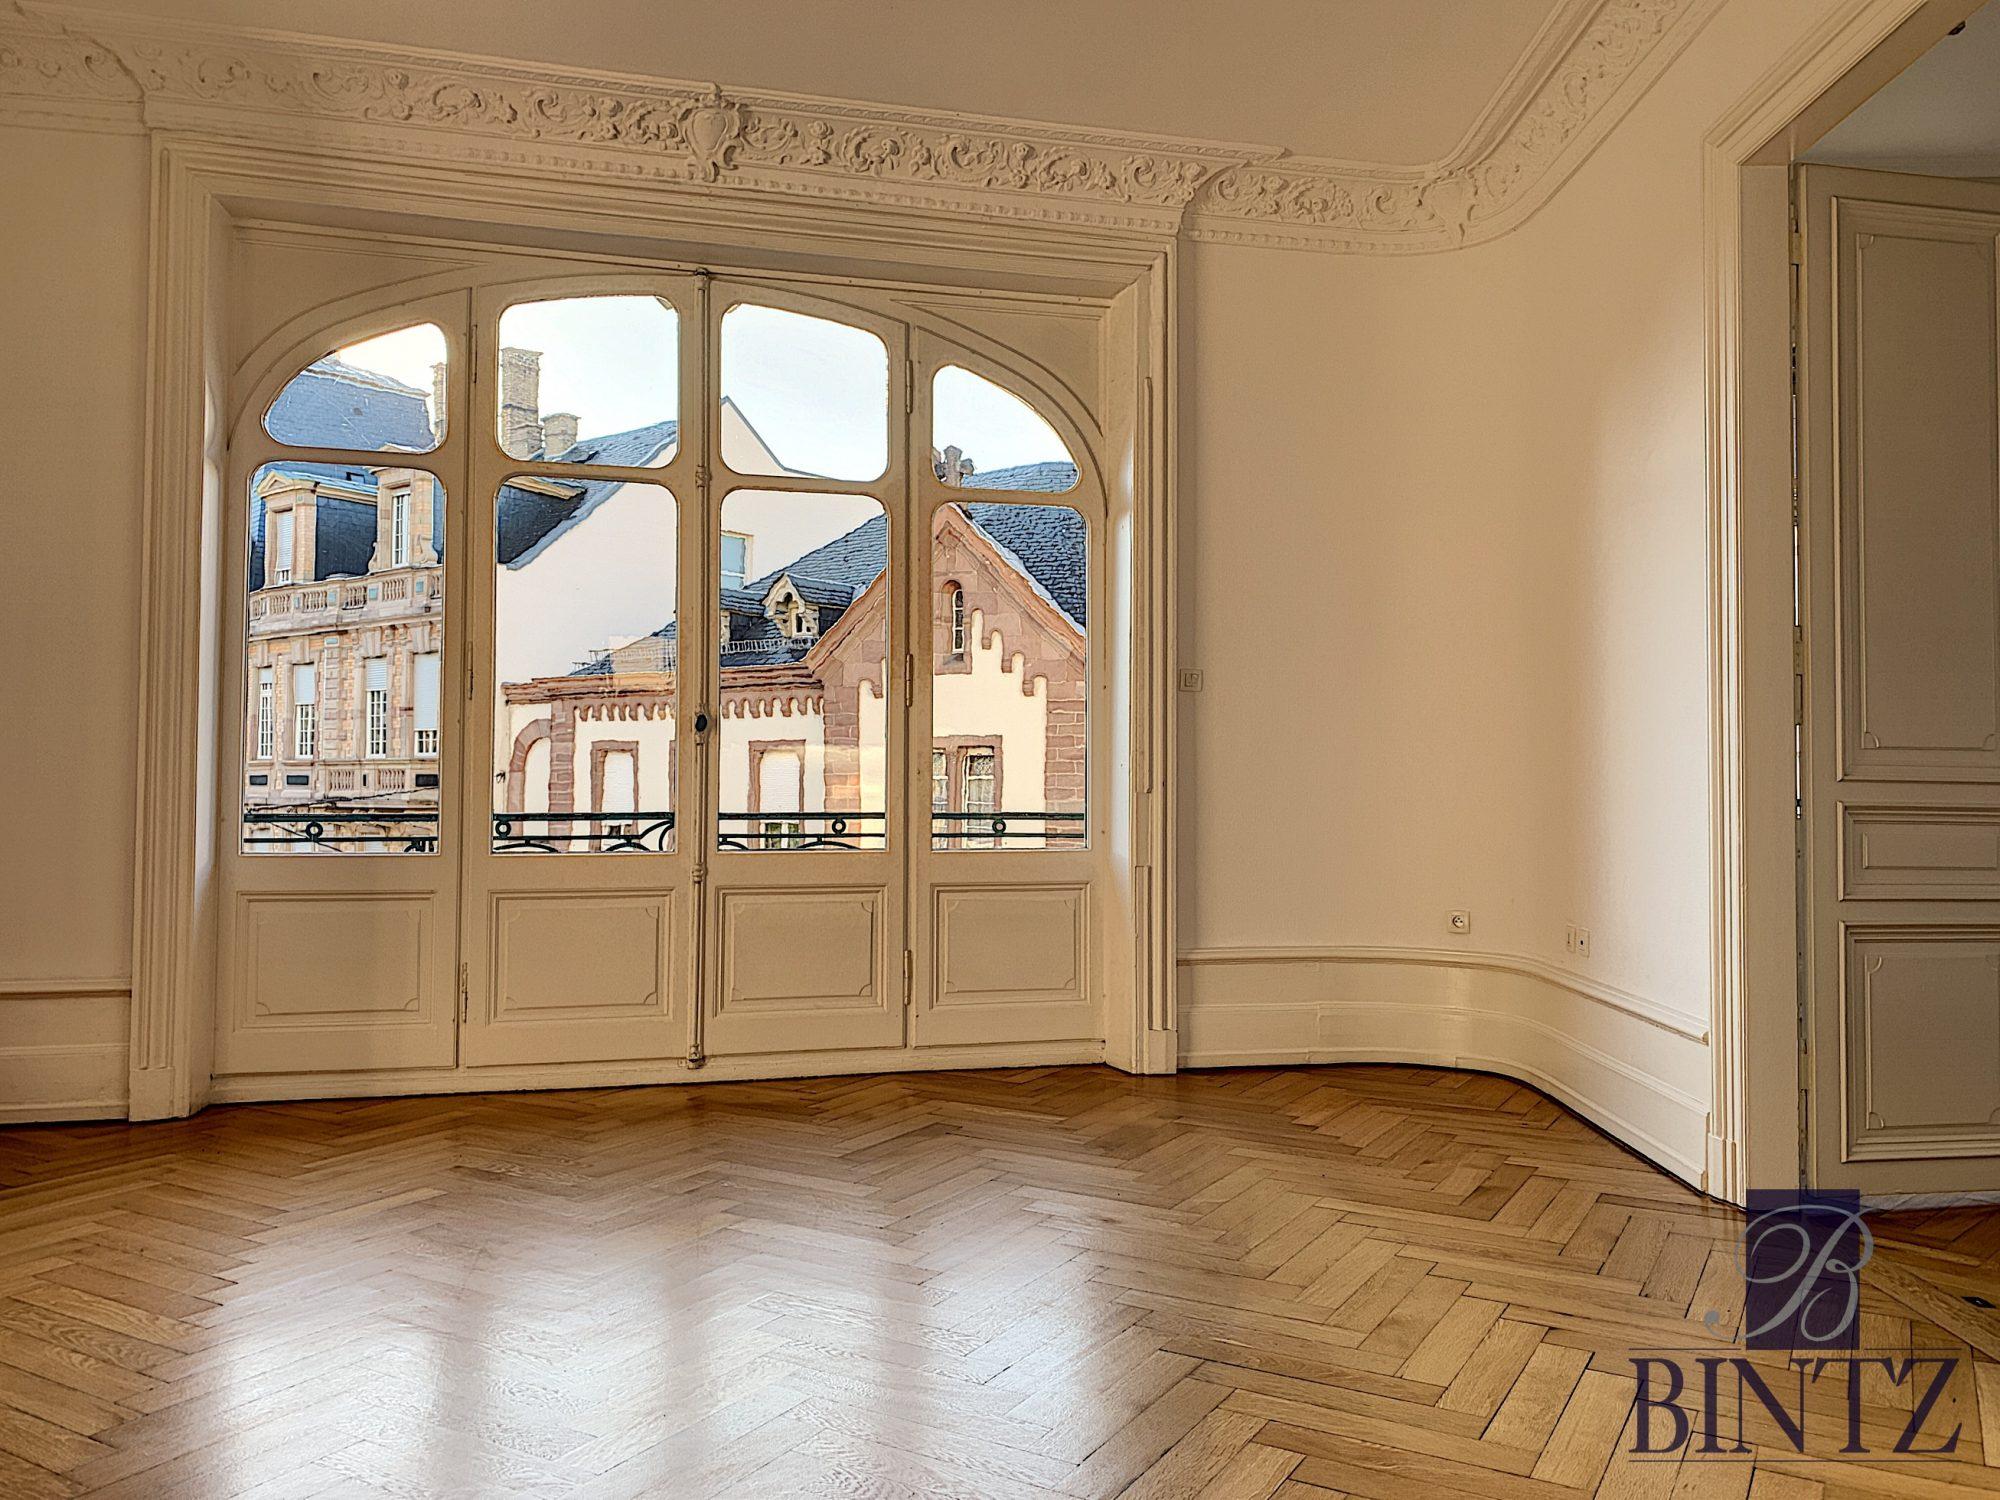 Exceptionnel 6pièces au Coeur de la NEUSTADT - Devenez locataire en toute sérénité - Bintz Immobilier - 7